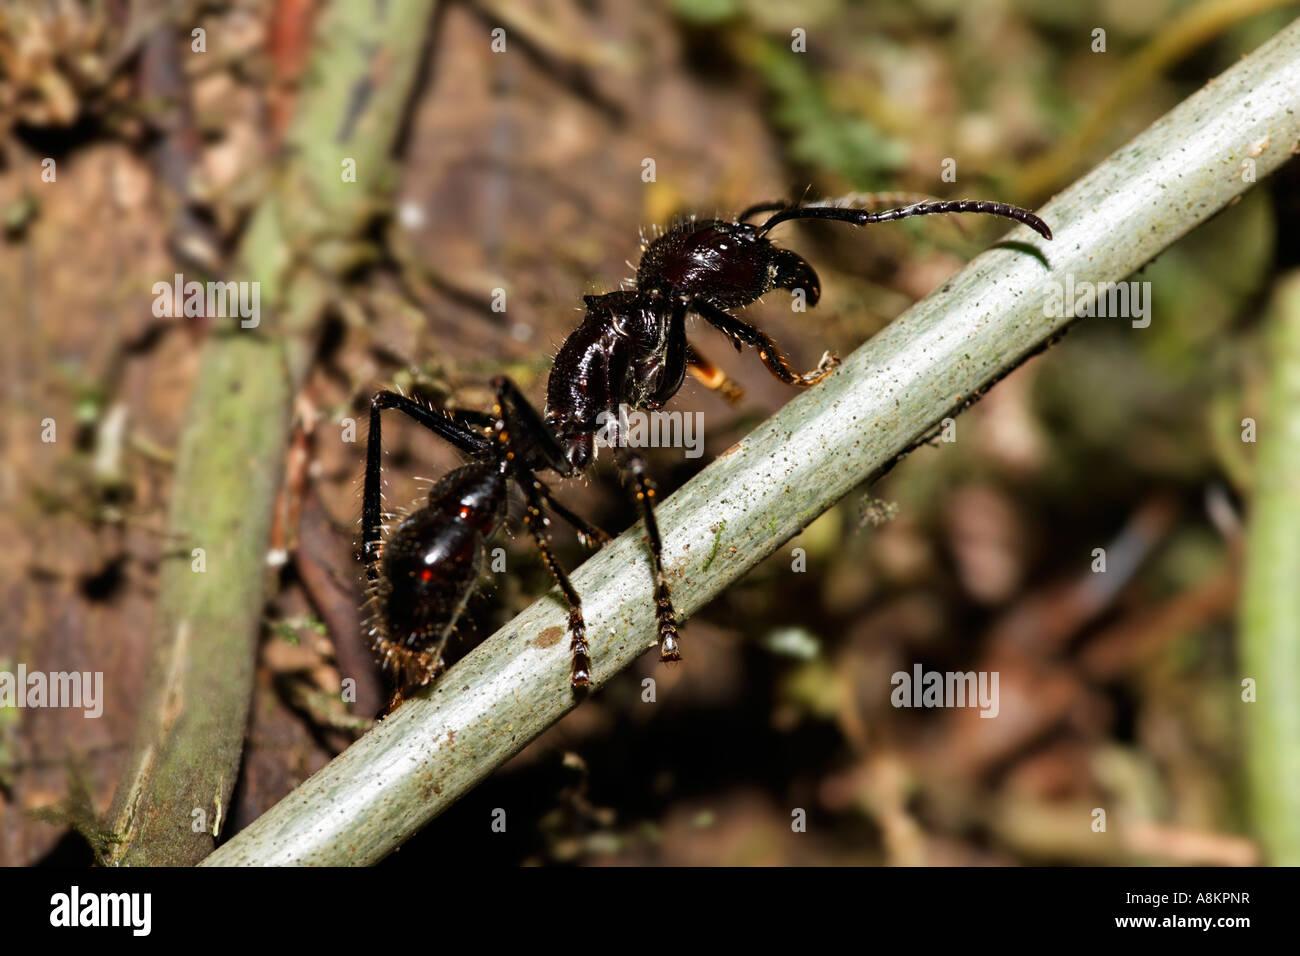 Bullet Ant, Paraponeragroße Clavata, Costa Rica Stockbild